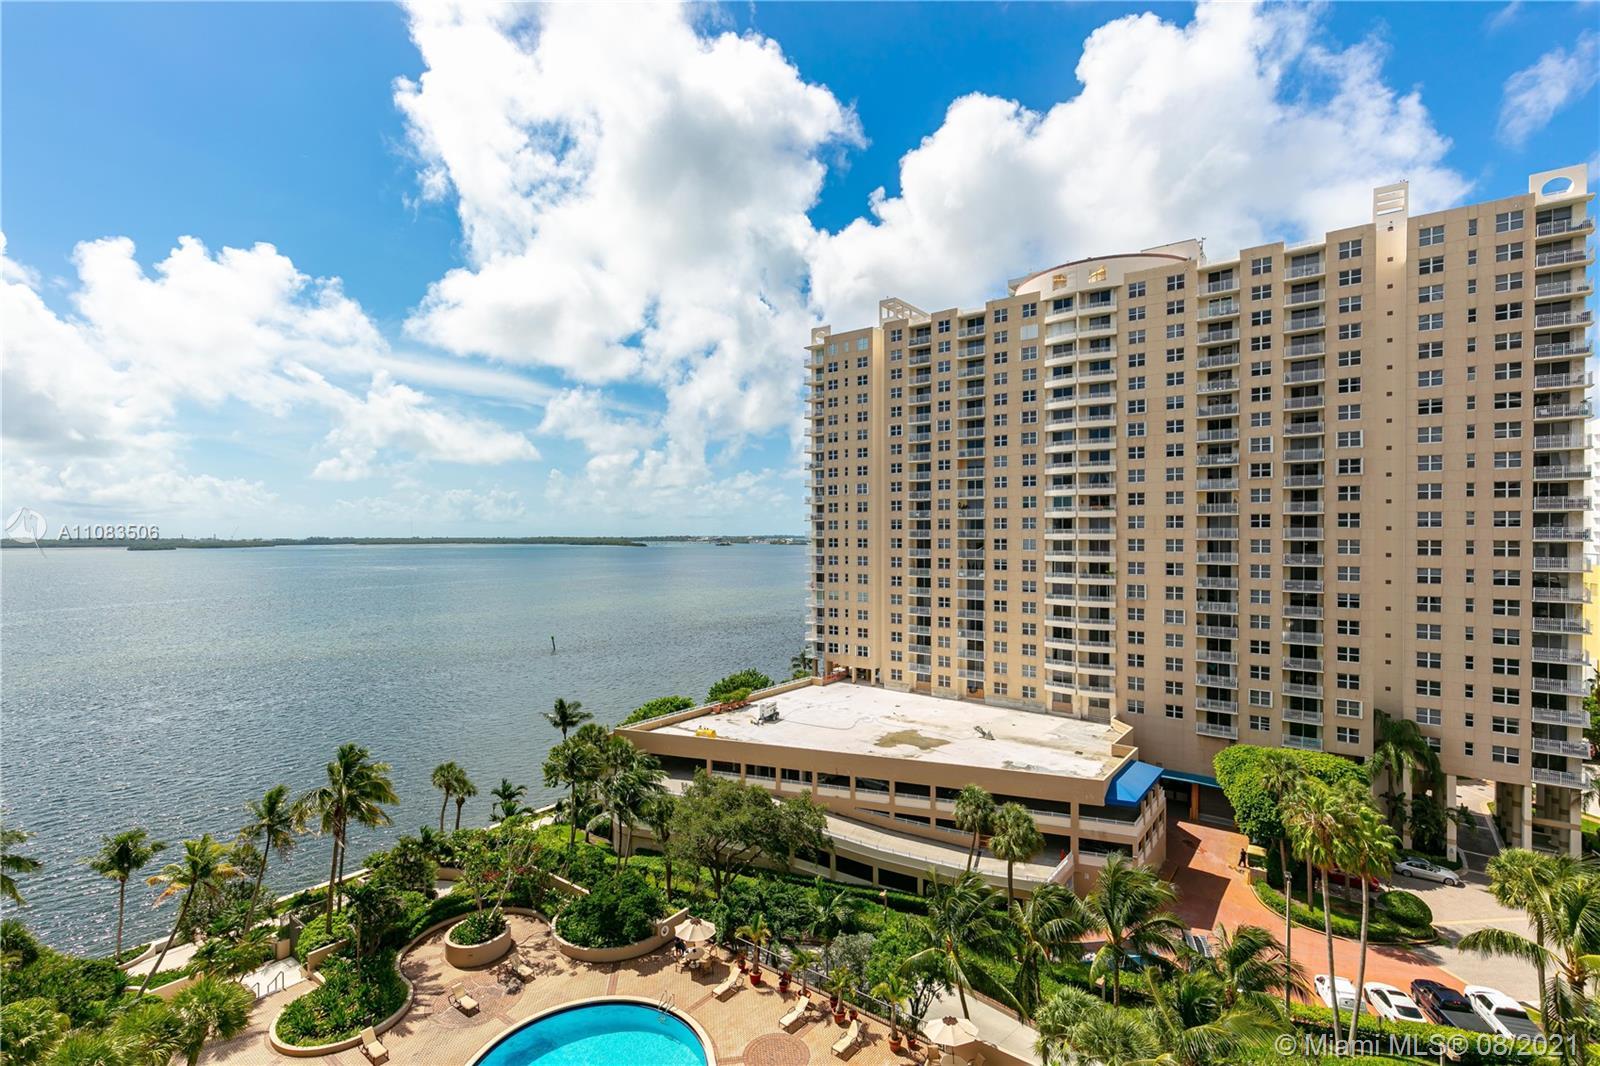 Brickell Key One #A1101 - 520 Brickell Key Dr #A1101, Miami, FL 33131